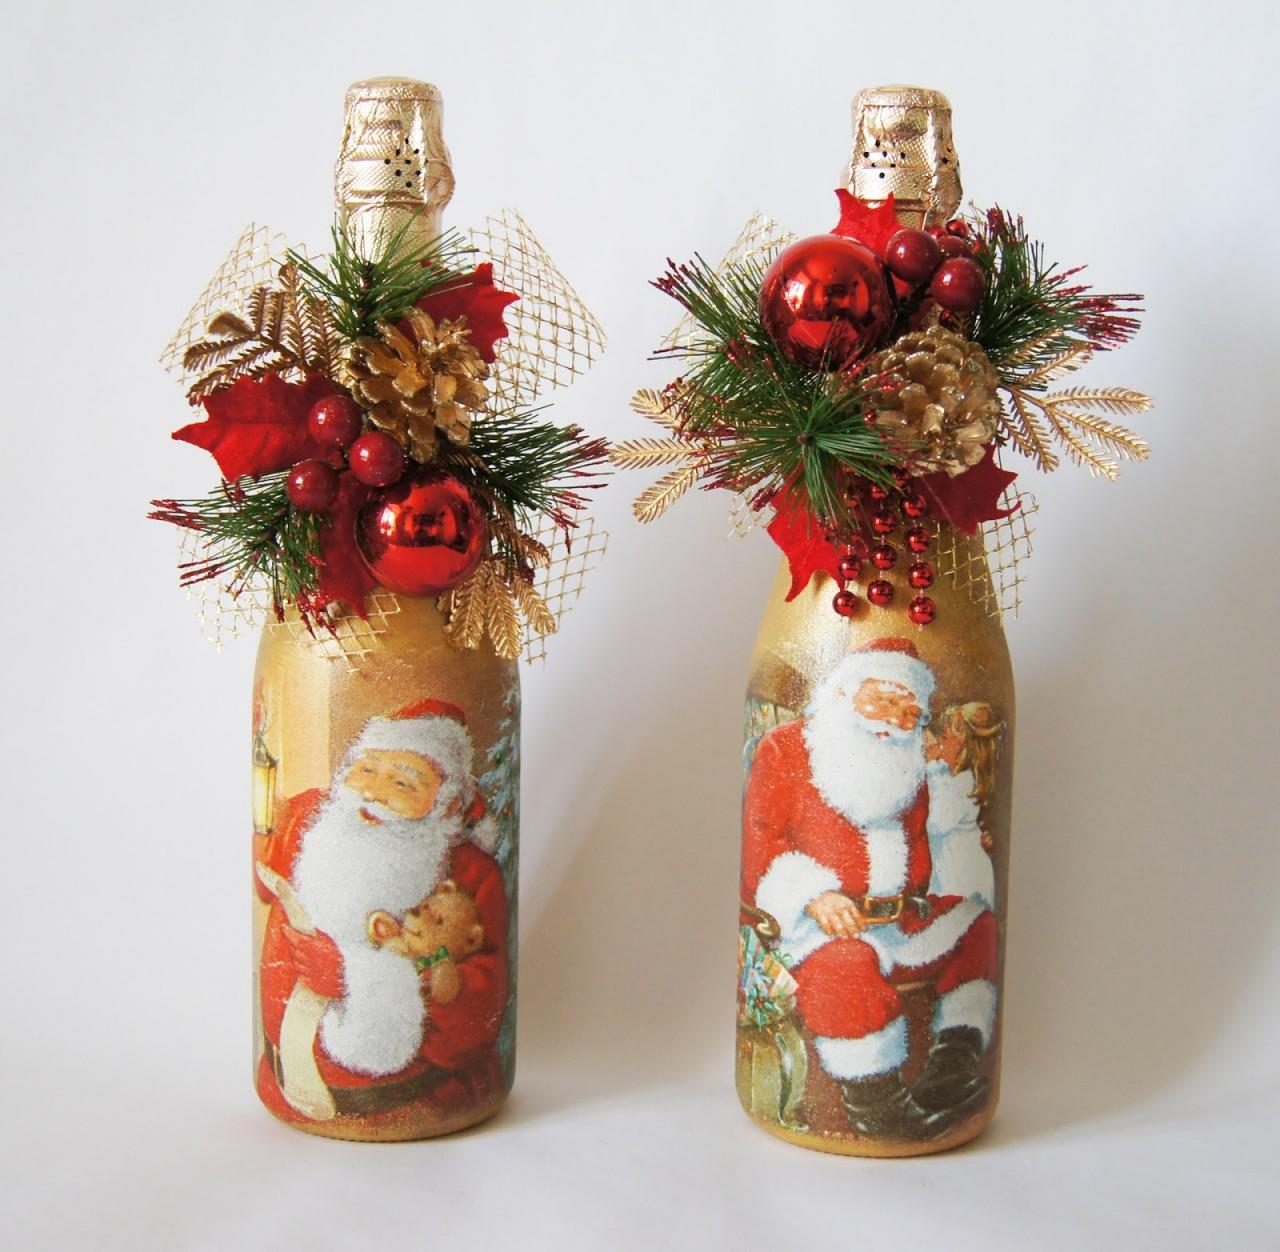 новогодние украшения бутылок своими руками фото